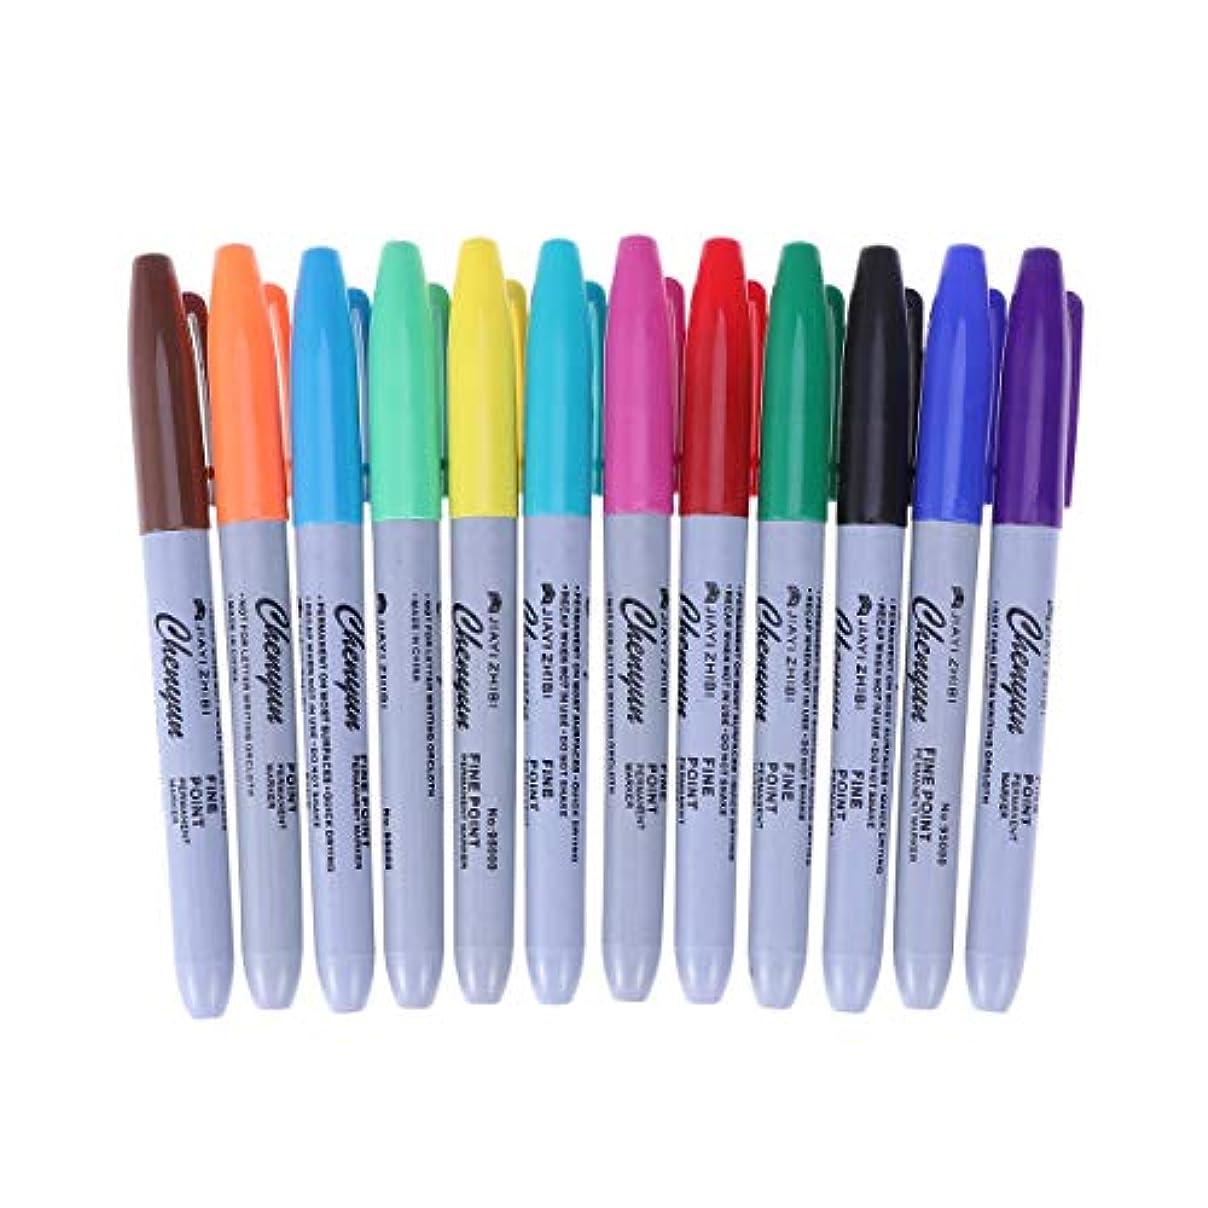 誇張約束する壁Healifty 12色タトゥーペン防水タトゥースキンマーカーマーキングスクライブペンファインとレッグチップタトゥー用品